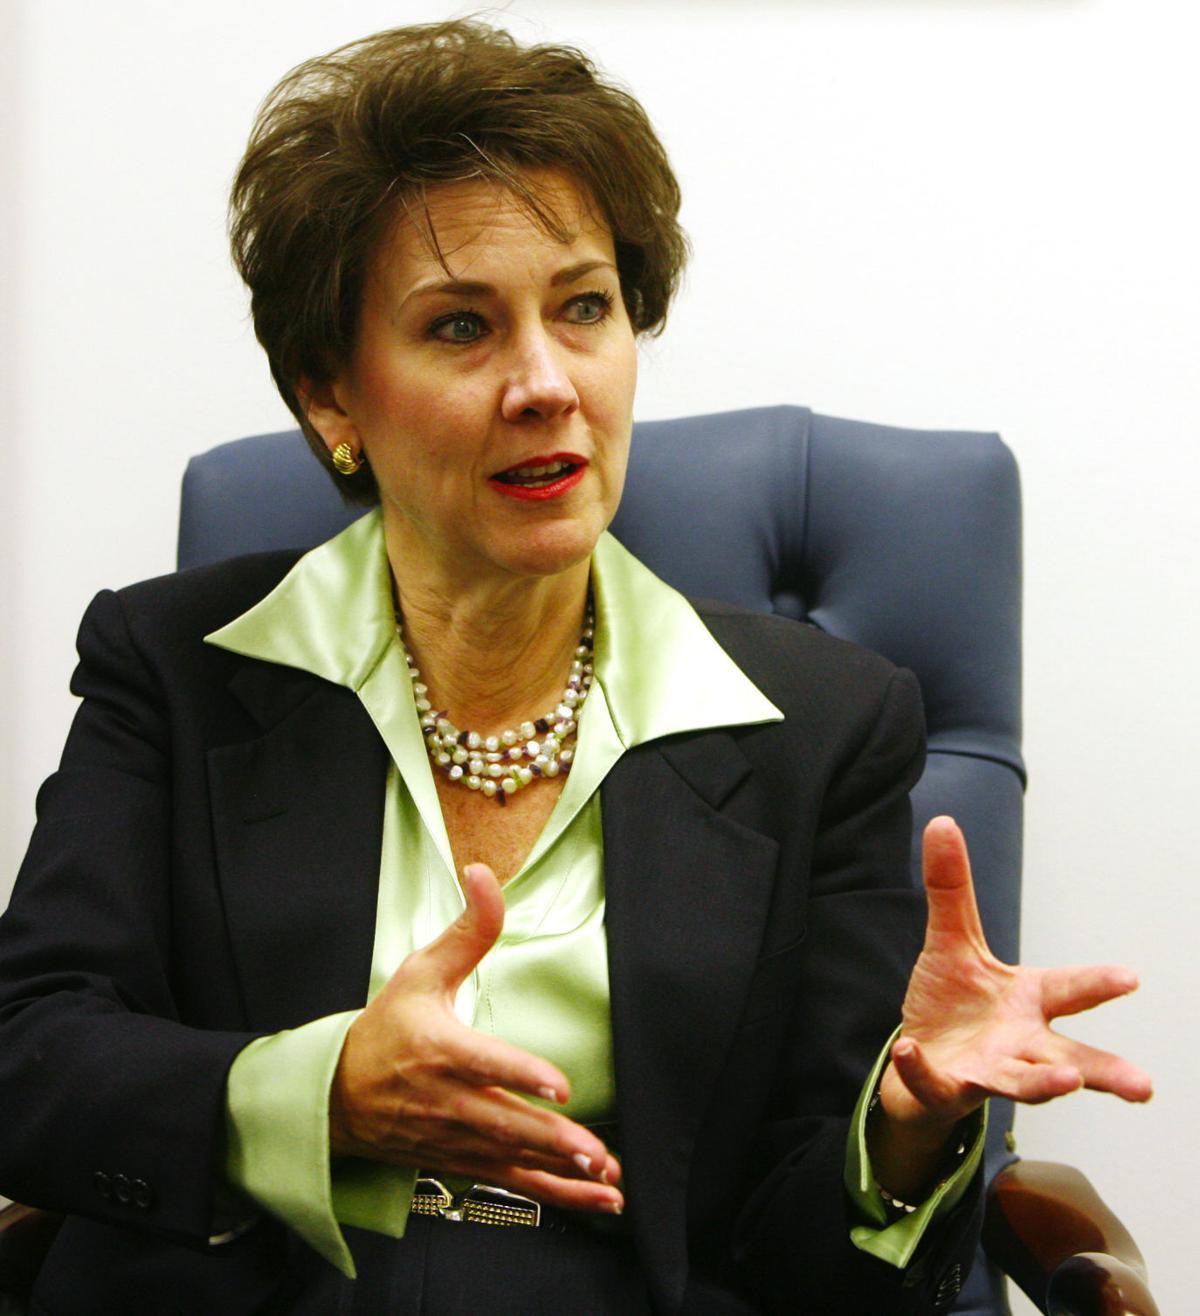 Kitzman takes job at DHEC as she awaits Senate confirmation